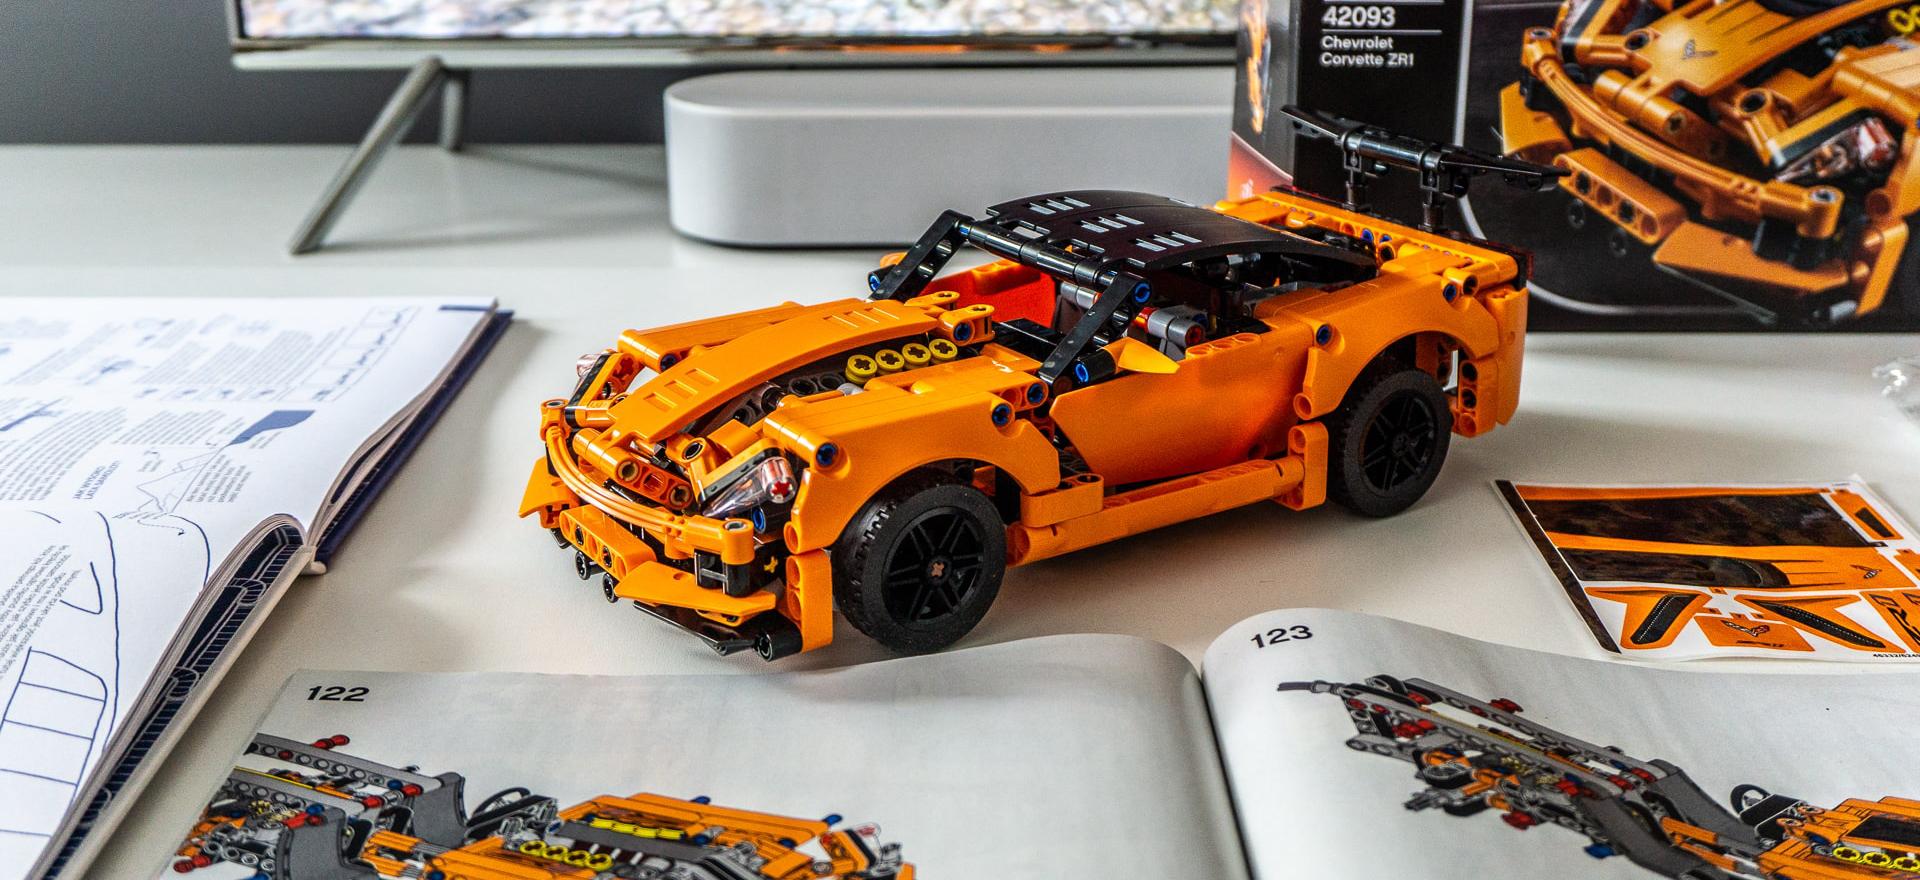 Bloke bat falta zitzaidan Lego-n.  Nola eskatu fabrikan galdutako adreilua?